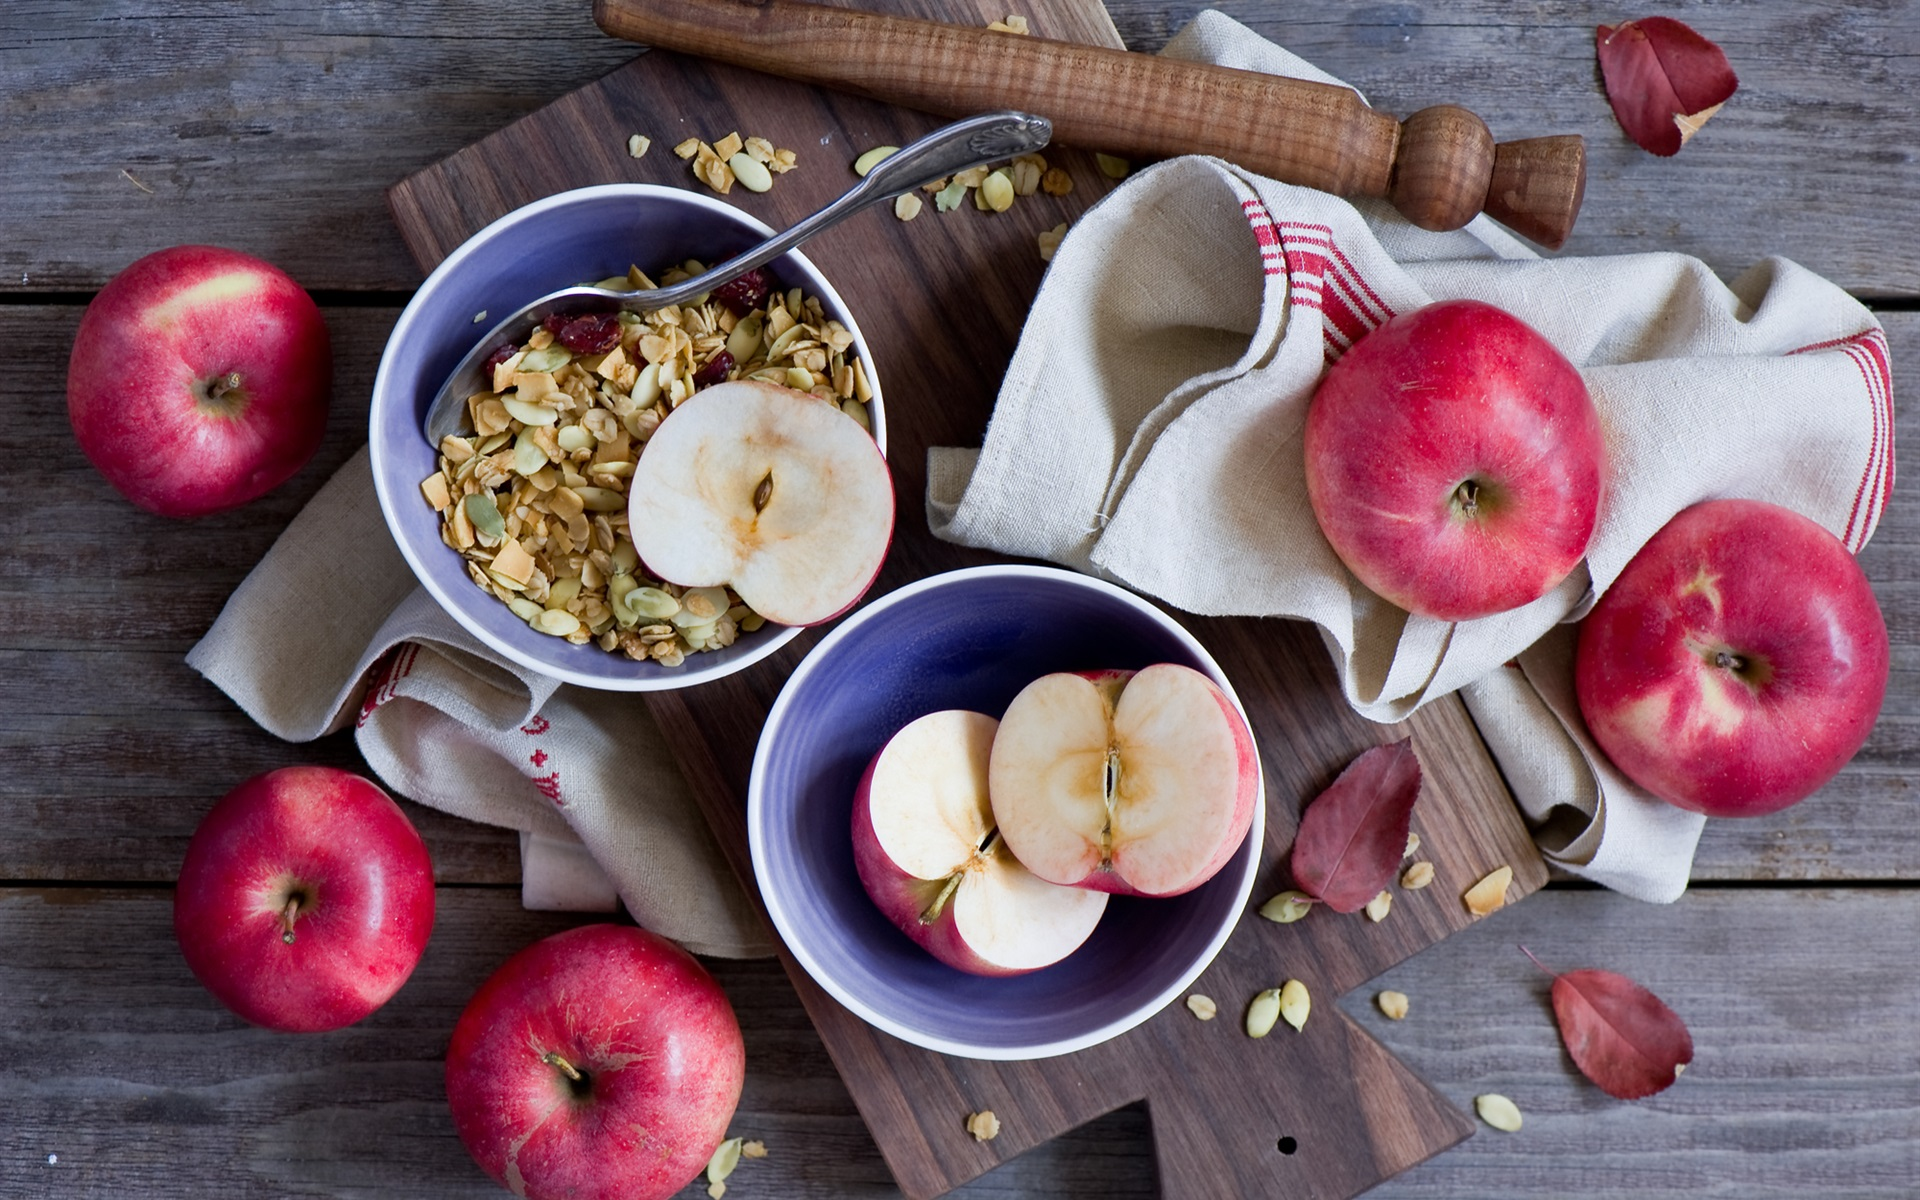 Диета Садовые Яблоки. Почему можно и нужно есть яблоки при похудении?